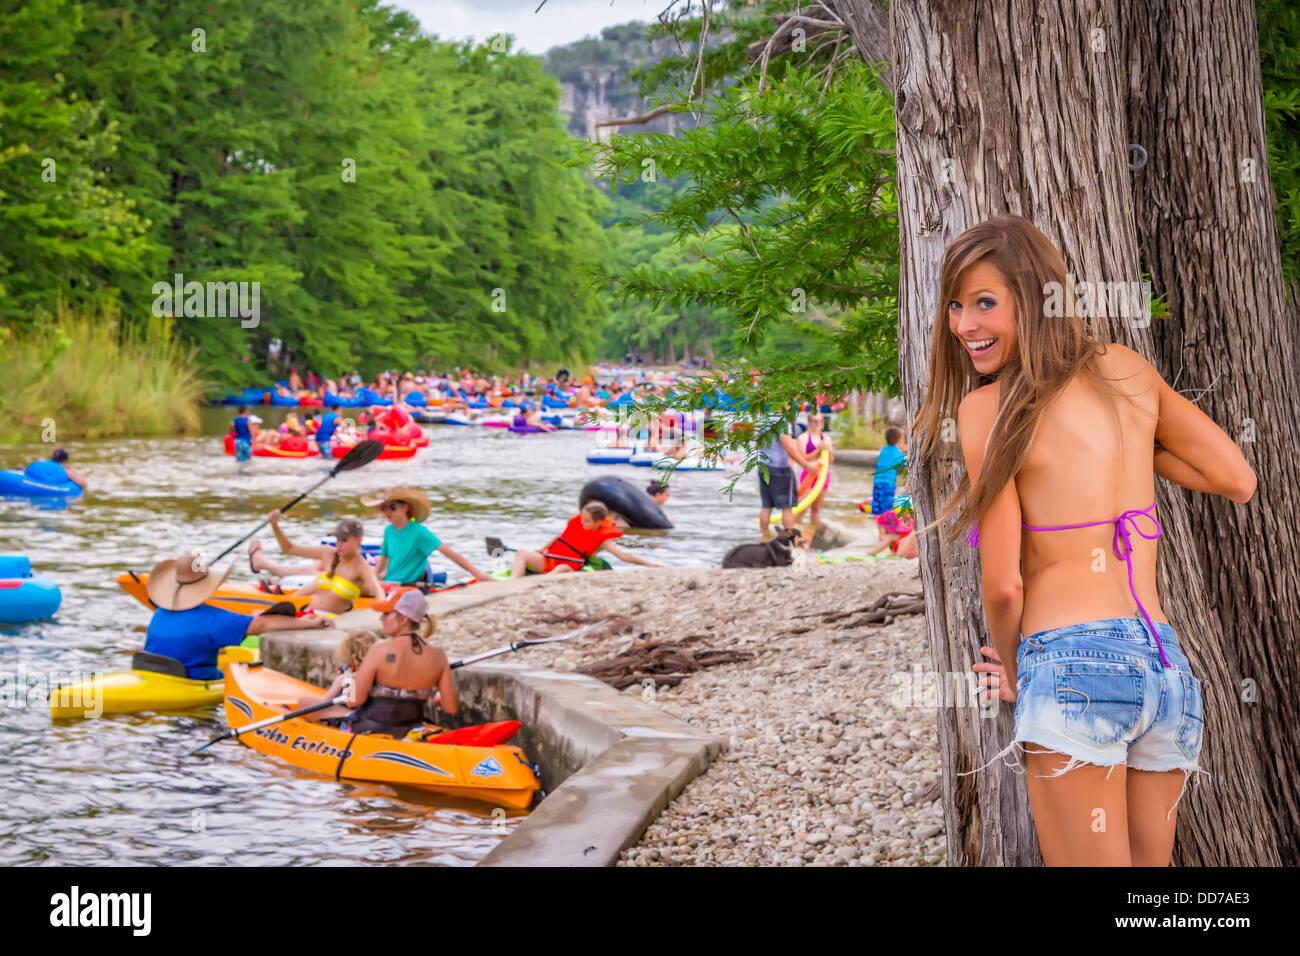 Usa Texas Young Woman In Bikini Standing Behind Tree